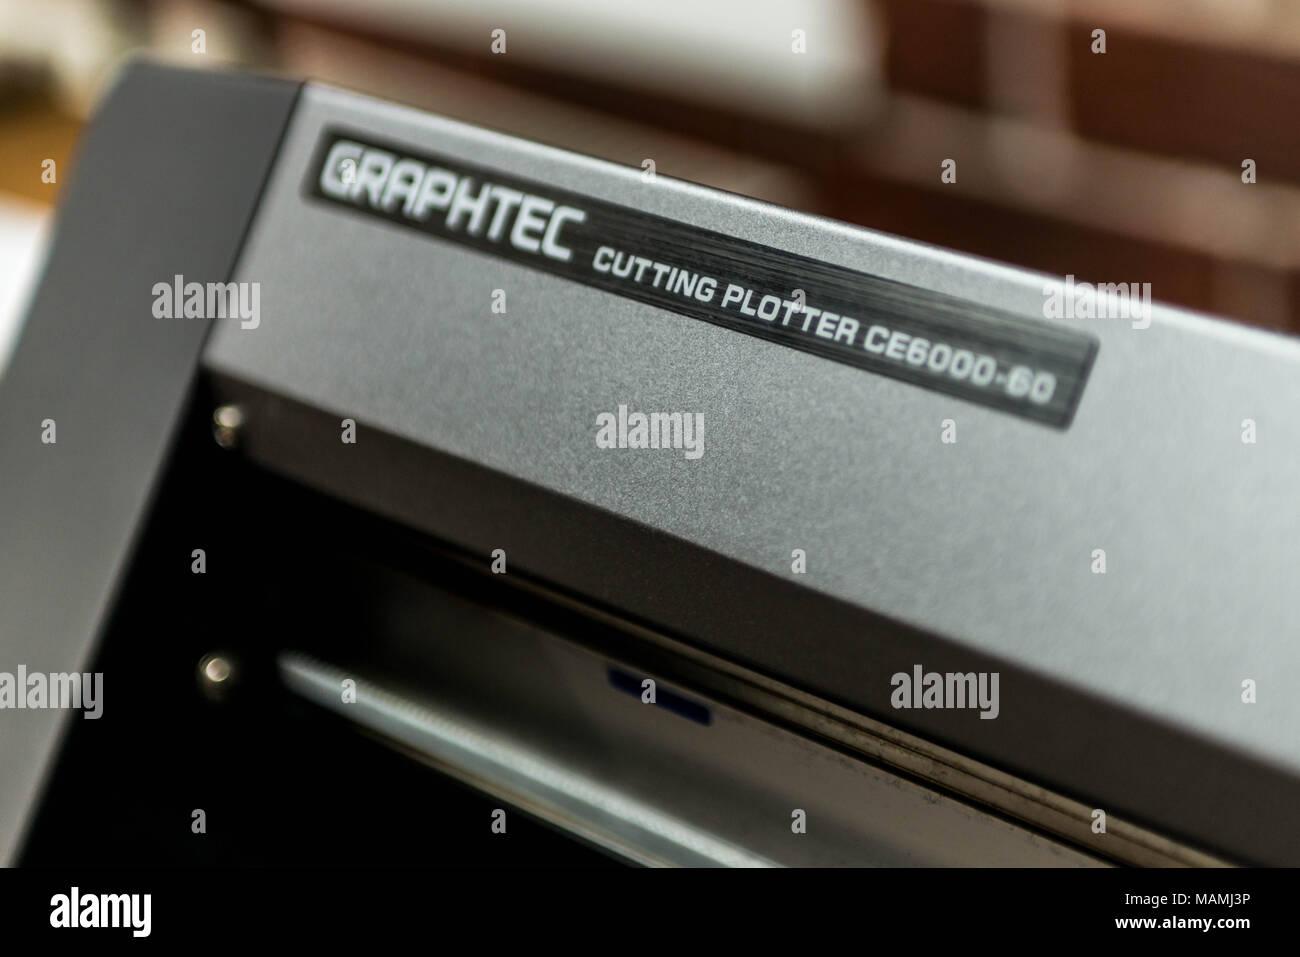 Sistema de impresión digital de Graphtec - plotter para imprimir una amplia gama de aplicaciones en formato superwide foils Imagen De Stock